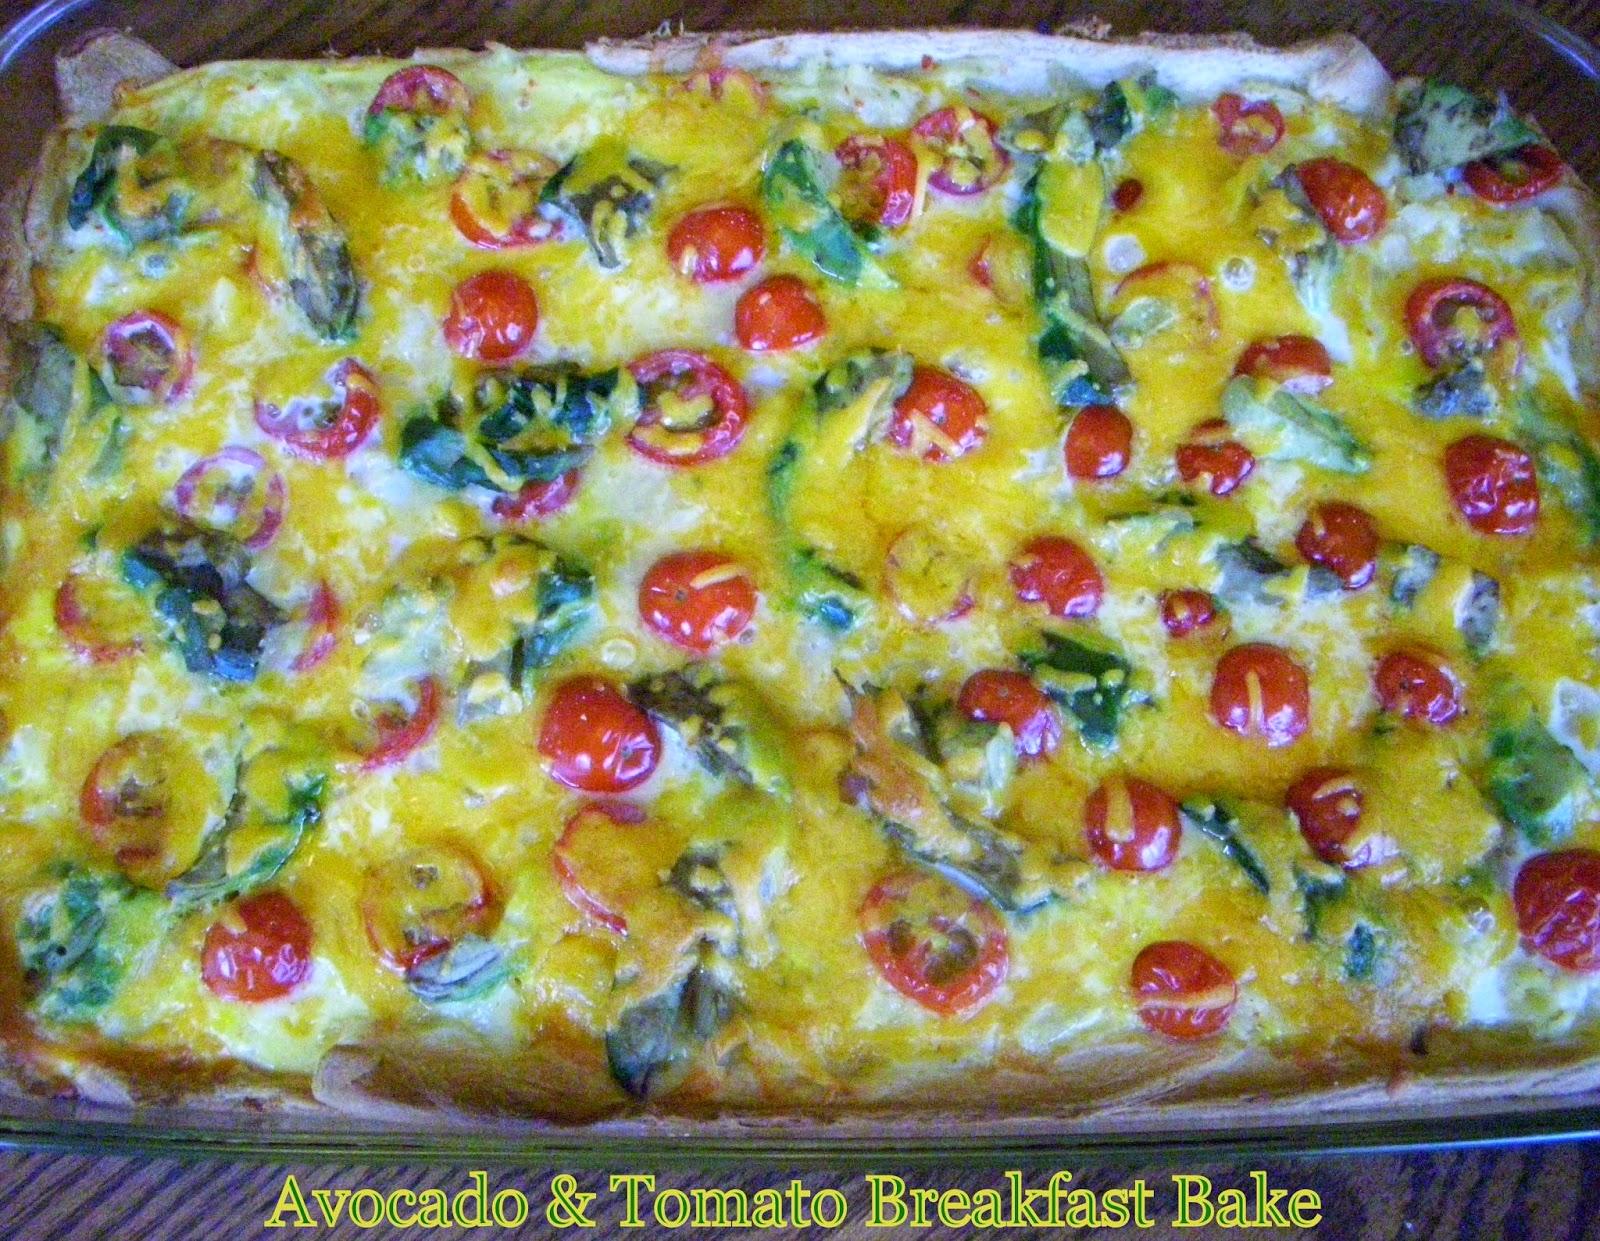 Avocado & Tomato Breakfast Casserole